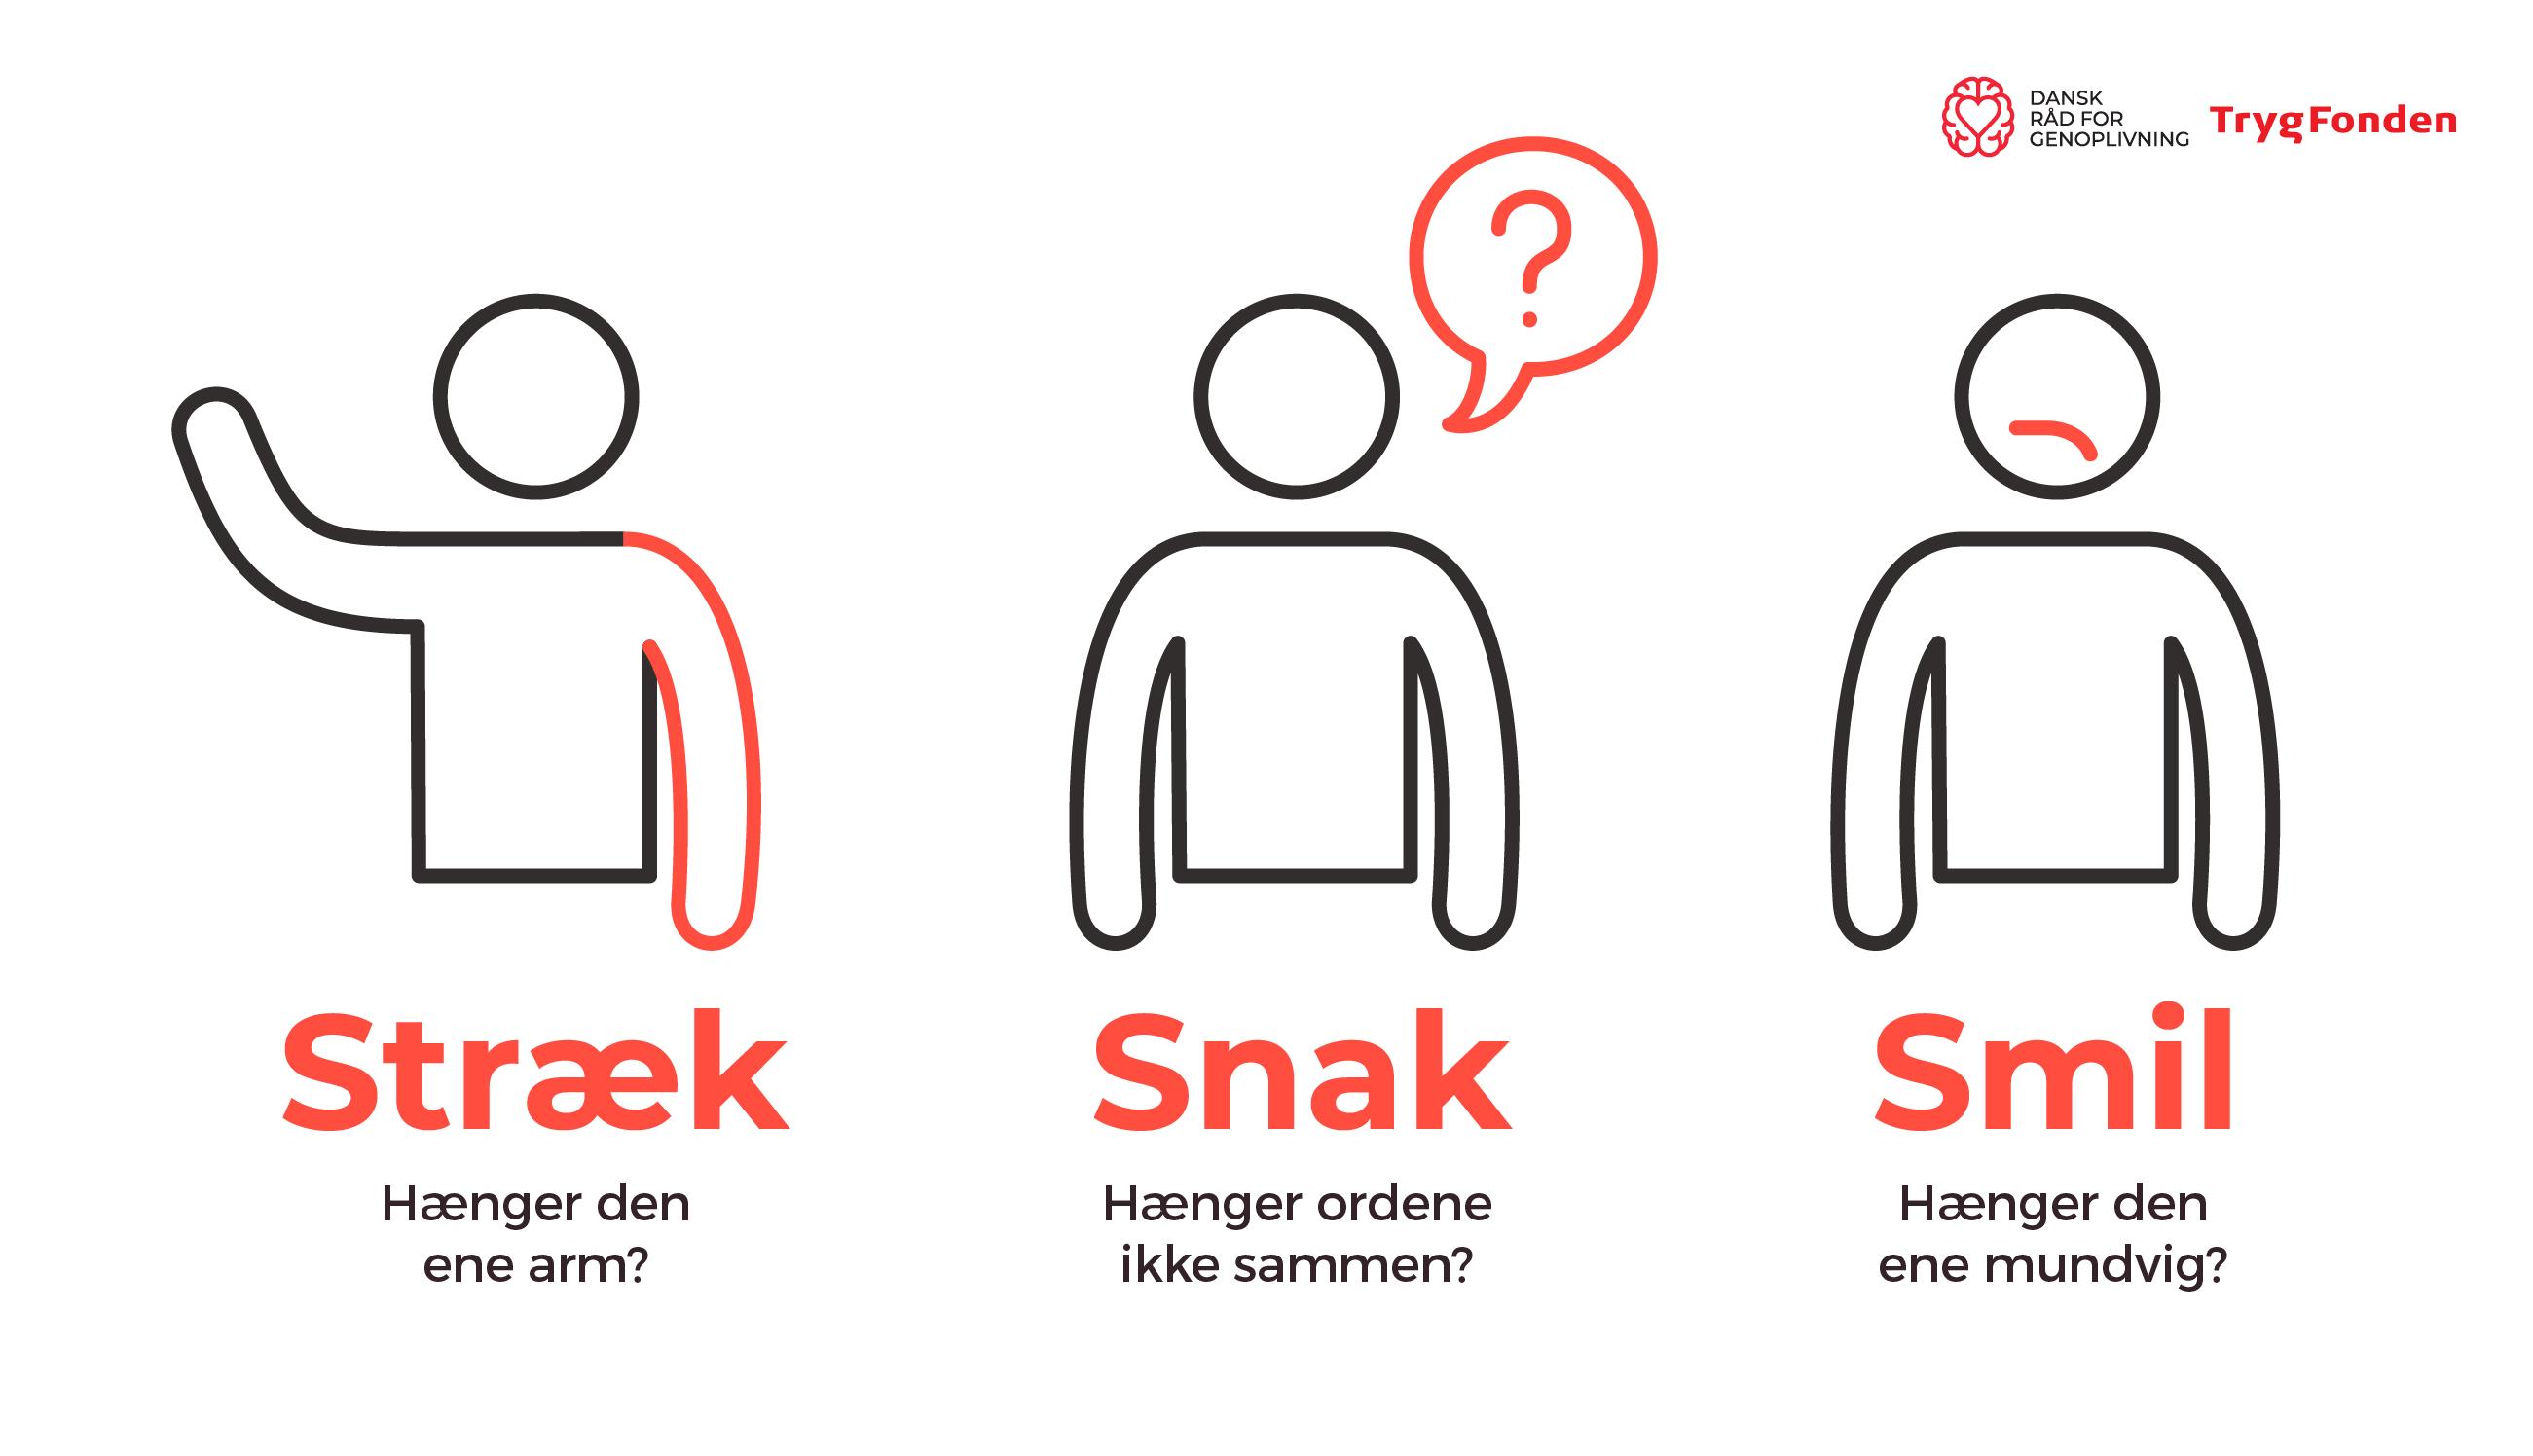 Hvad er et stroke? Lær symptomerne på et stroke at kende med remsen: Stræk, Snak, Smil.